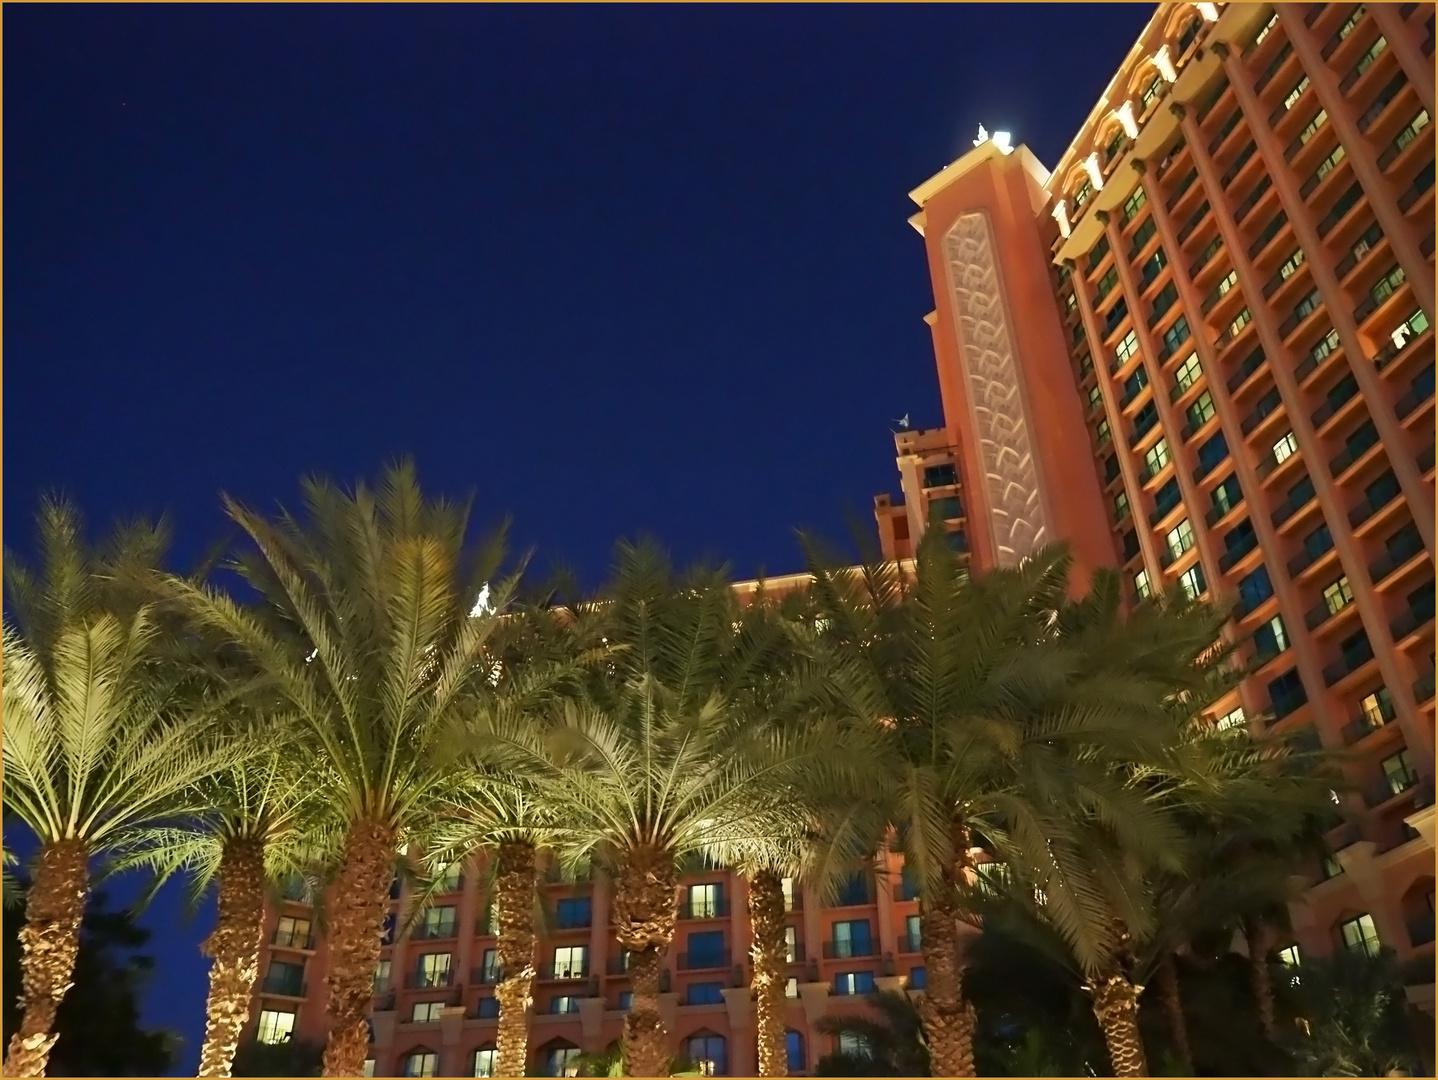 Une vue de l'Hôtel Atlantis à l'heure bleue tardive